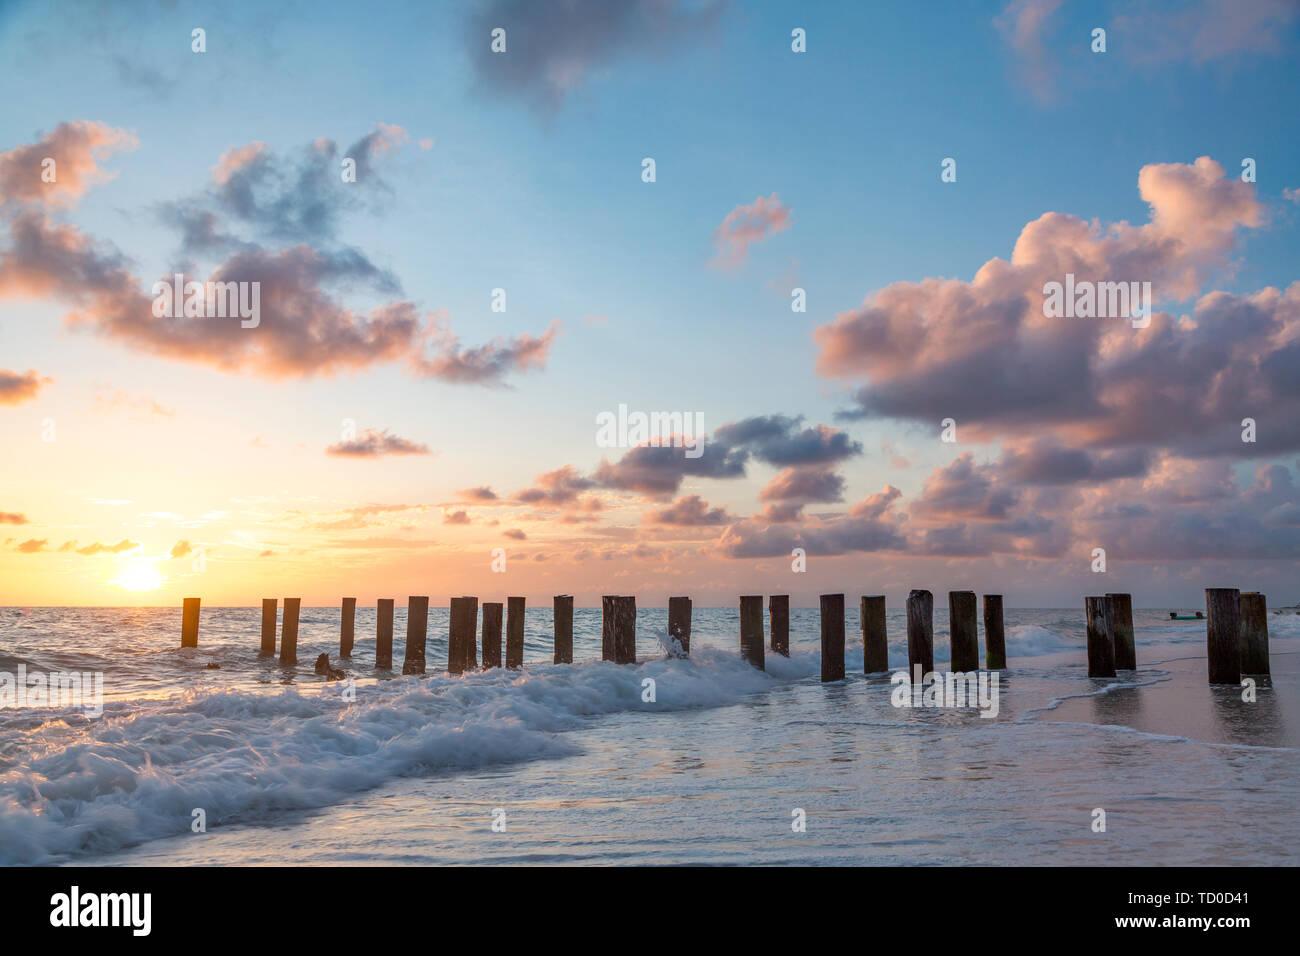 Viejo Muelle pilotes durante la puesta de sol sobre el Golfo de México, Naples, Florida, EE.UU. Foto de stock